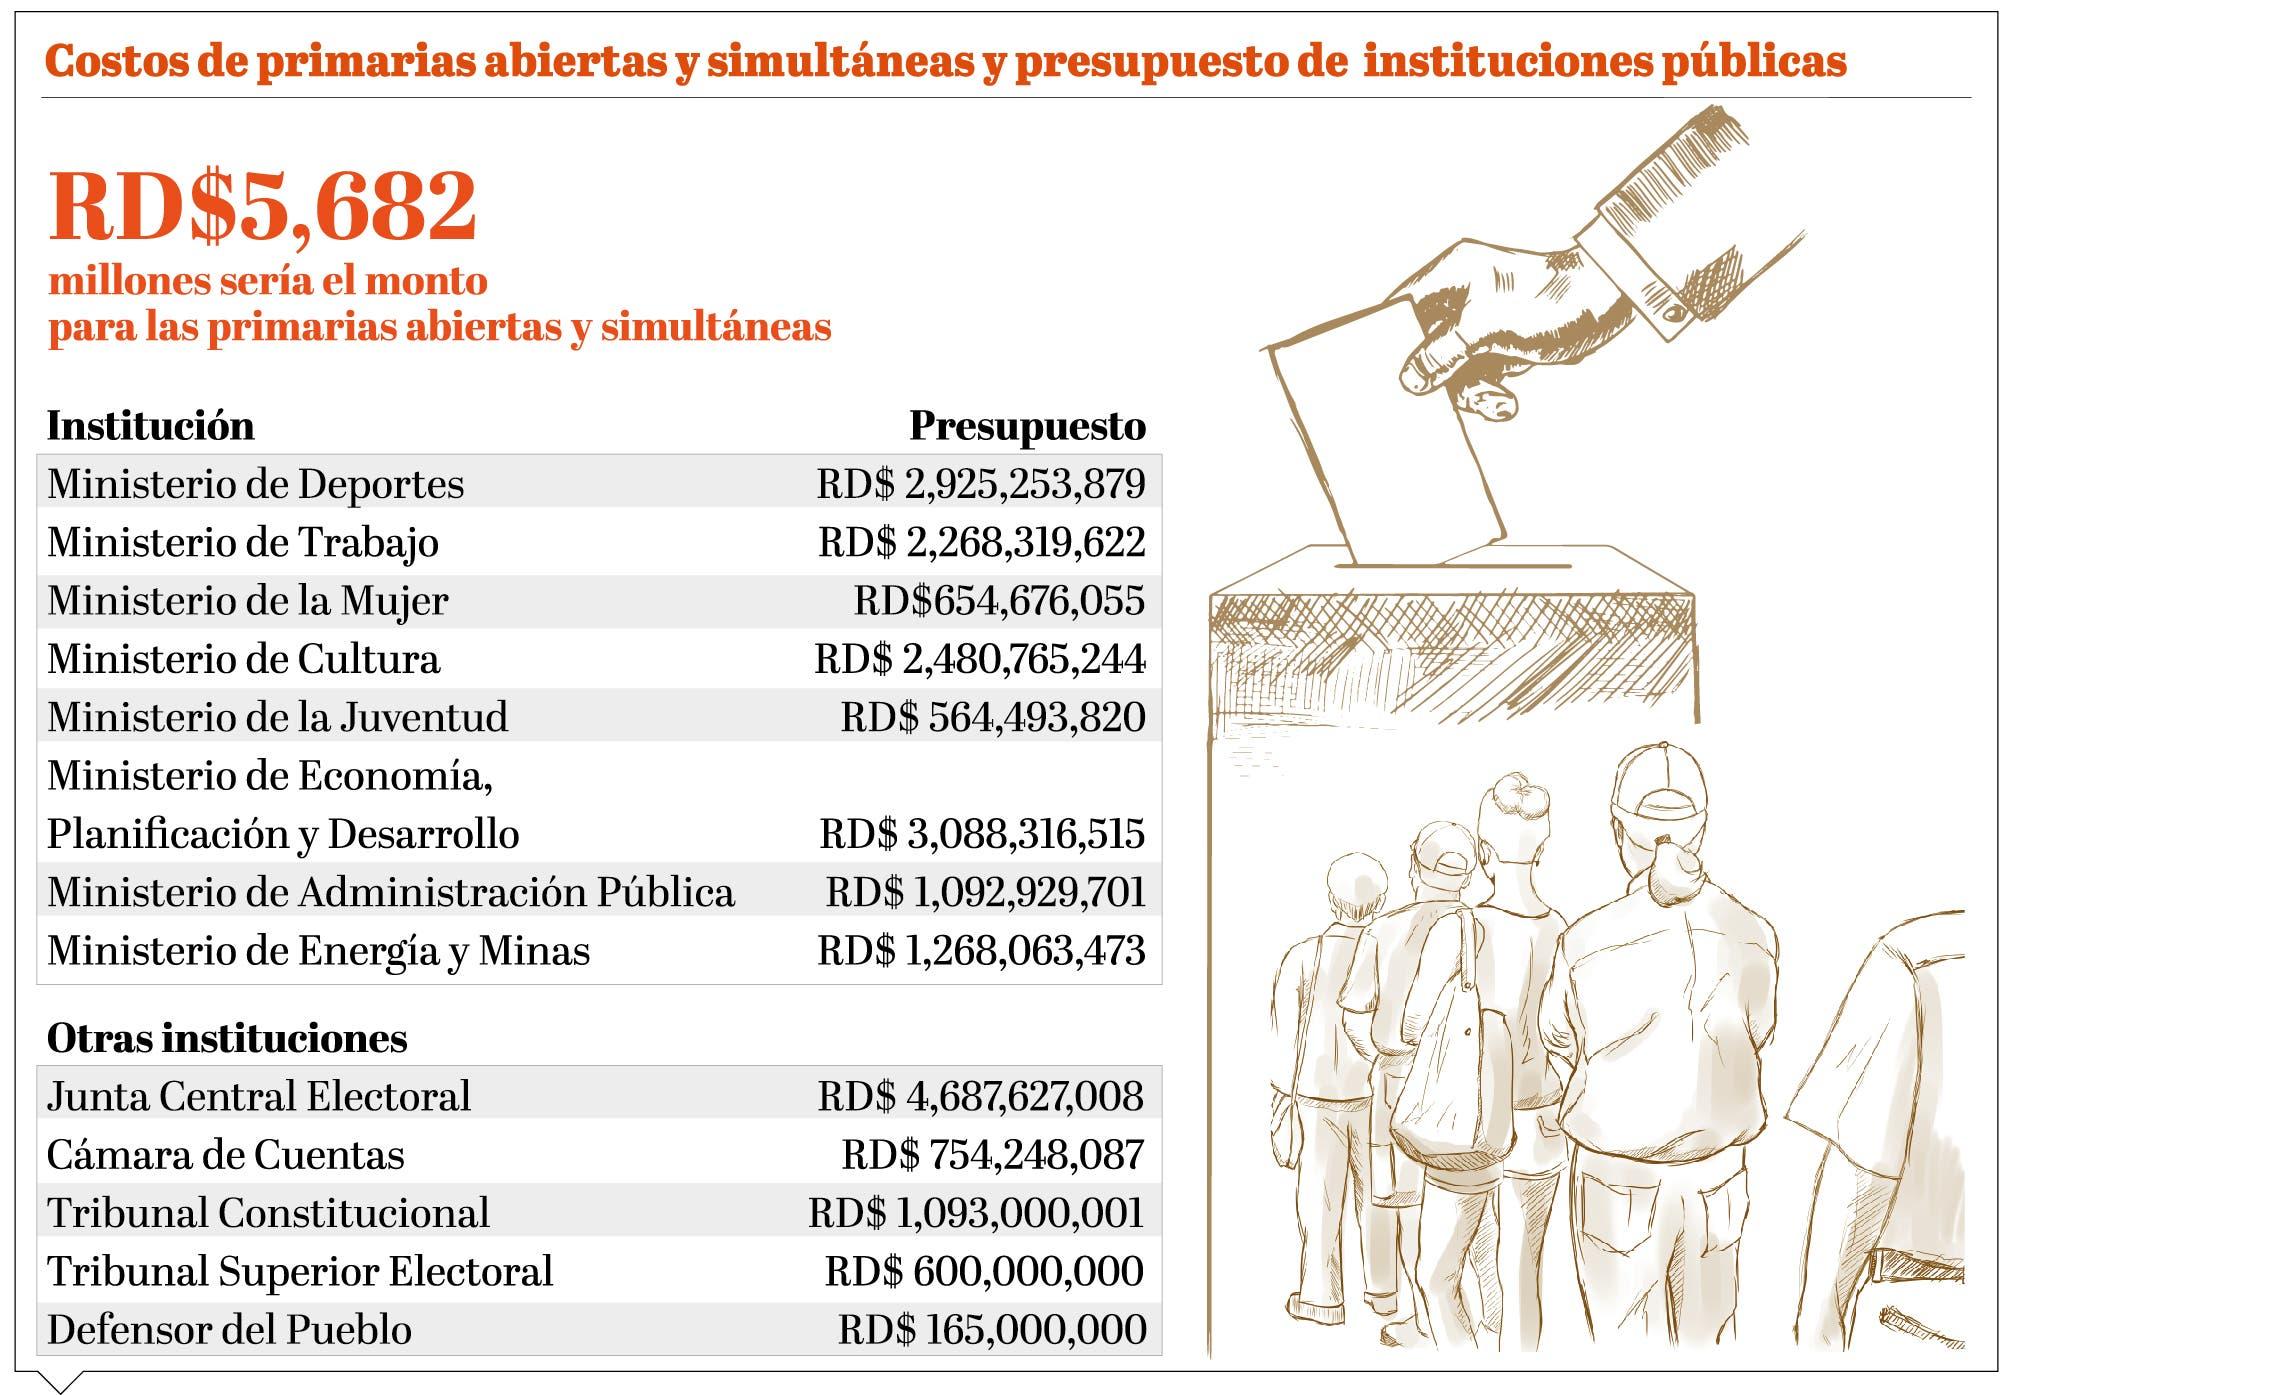 info-costo-primarias-abiertas-simultaneas